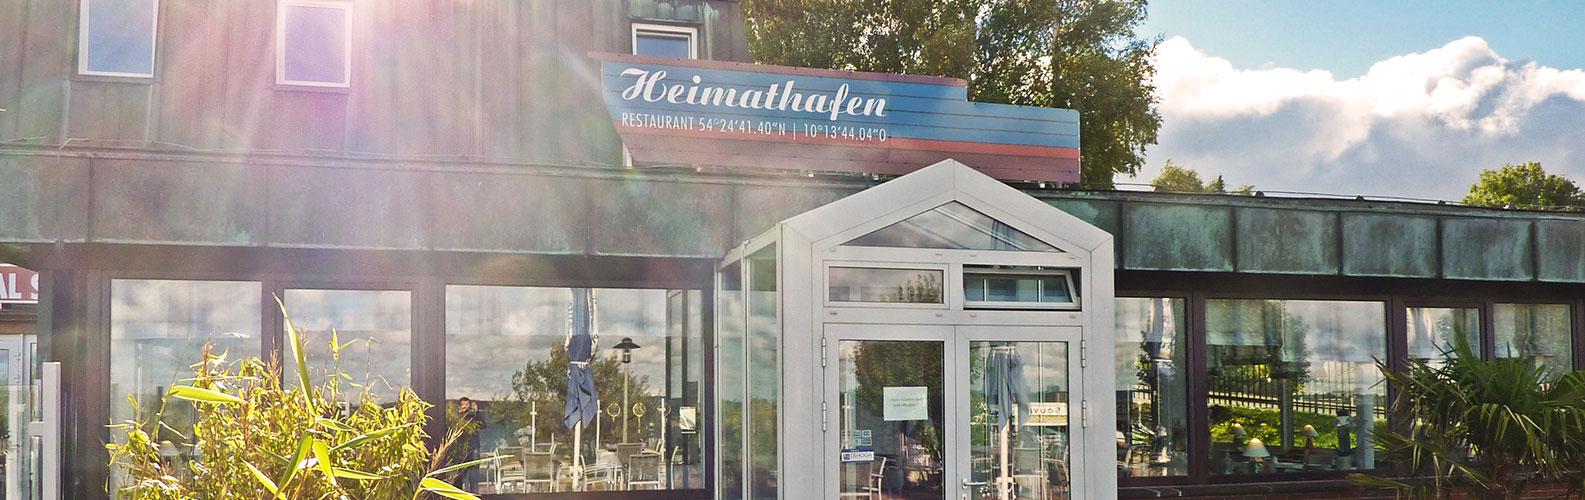 Restaurant Heimathafen Restaurant Heimathafen in Laboe